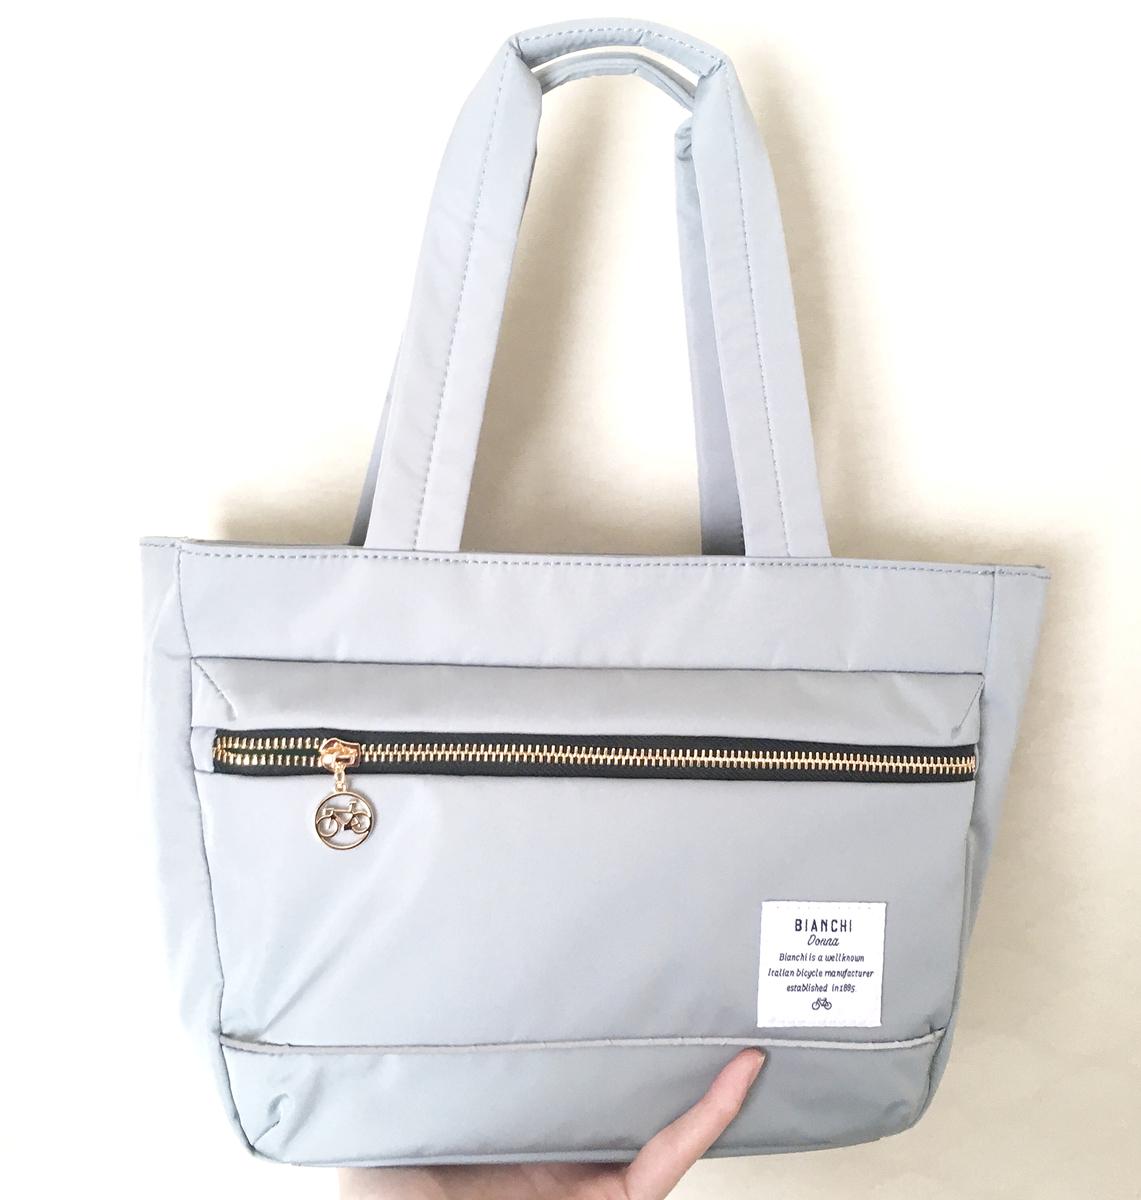 「Bianchi Donna」のミニトートバッグ